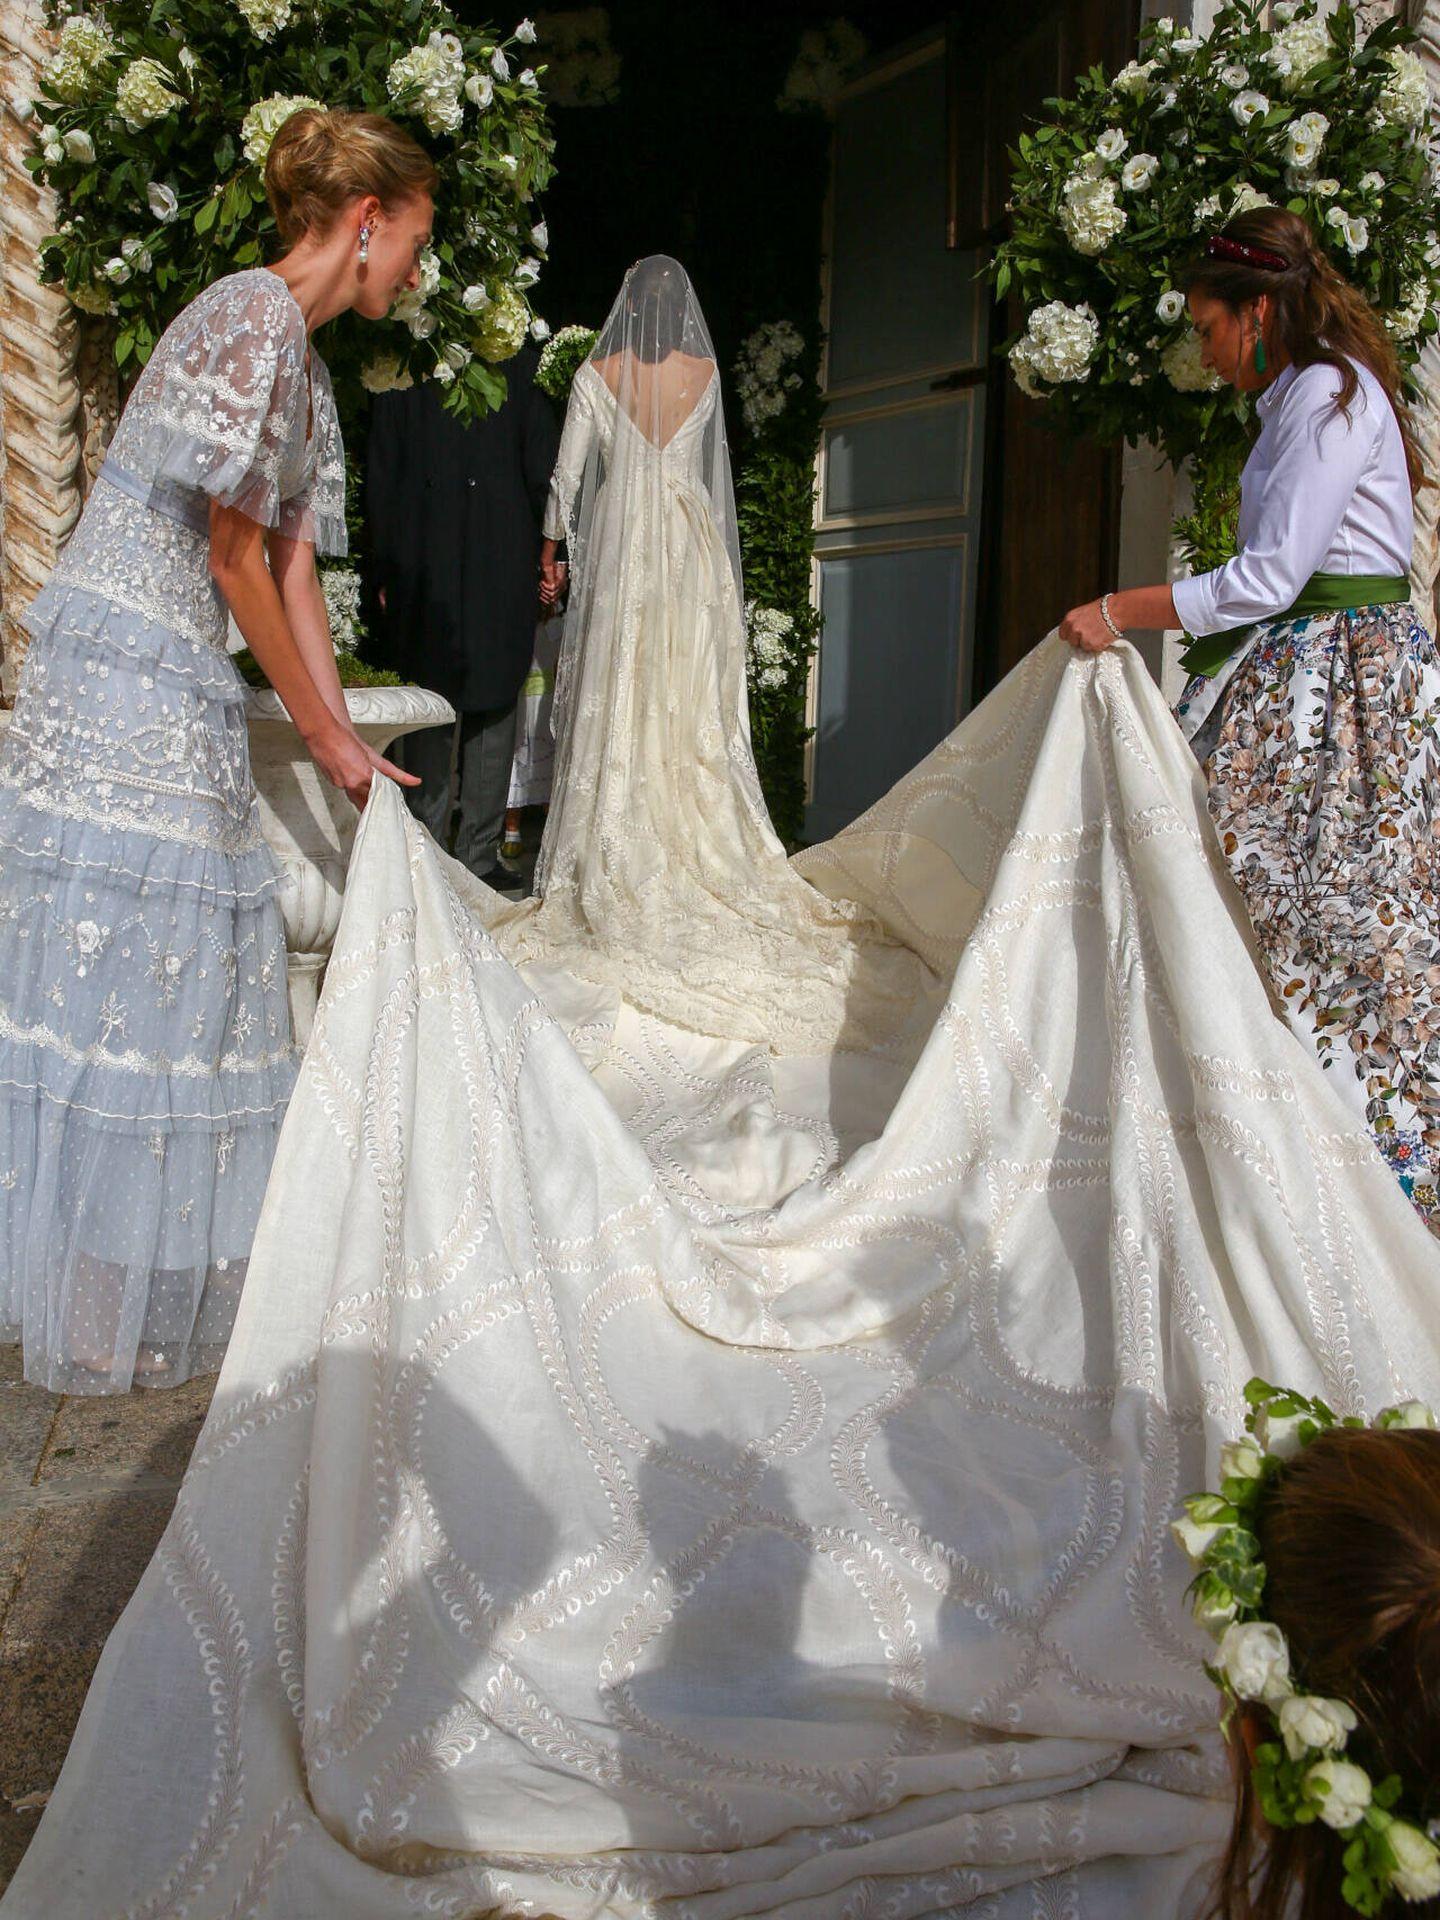 La larga cola del vestido de novia. (Gtres)